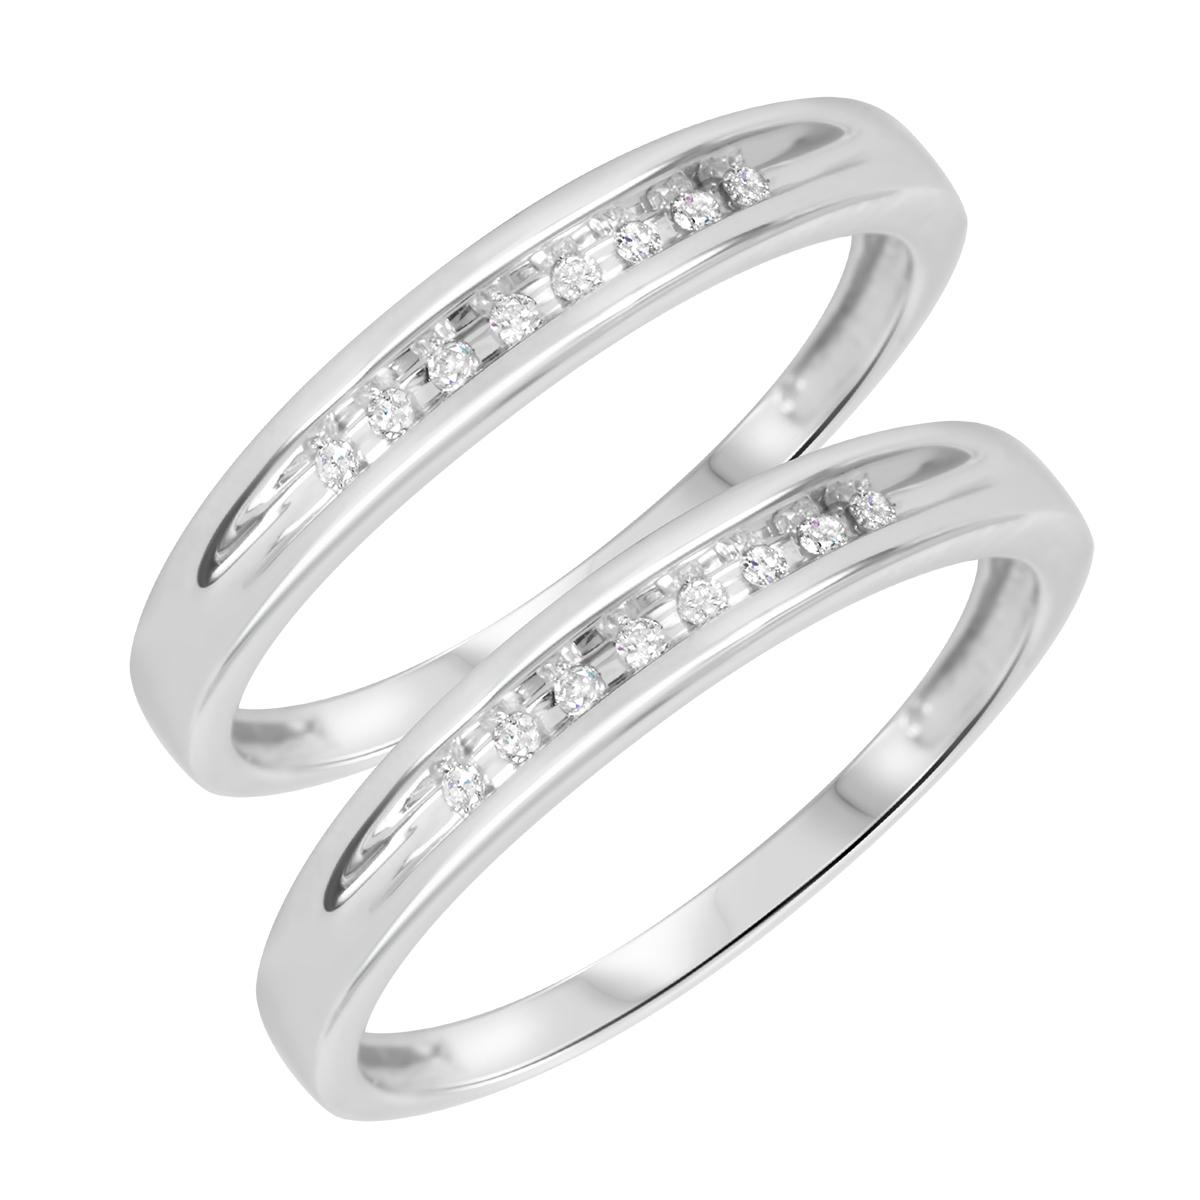 1/10 Carat T.W. Round Cut Ladies Same Sex Wedding Band Set 10K White Gold- Size